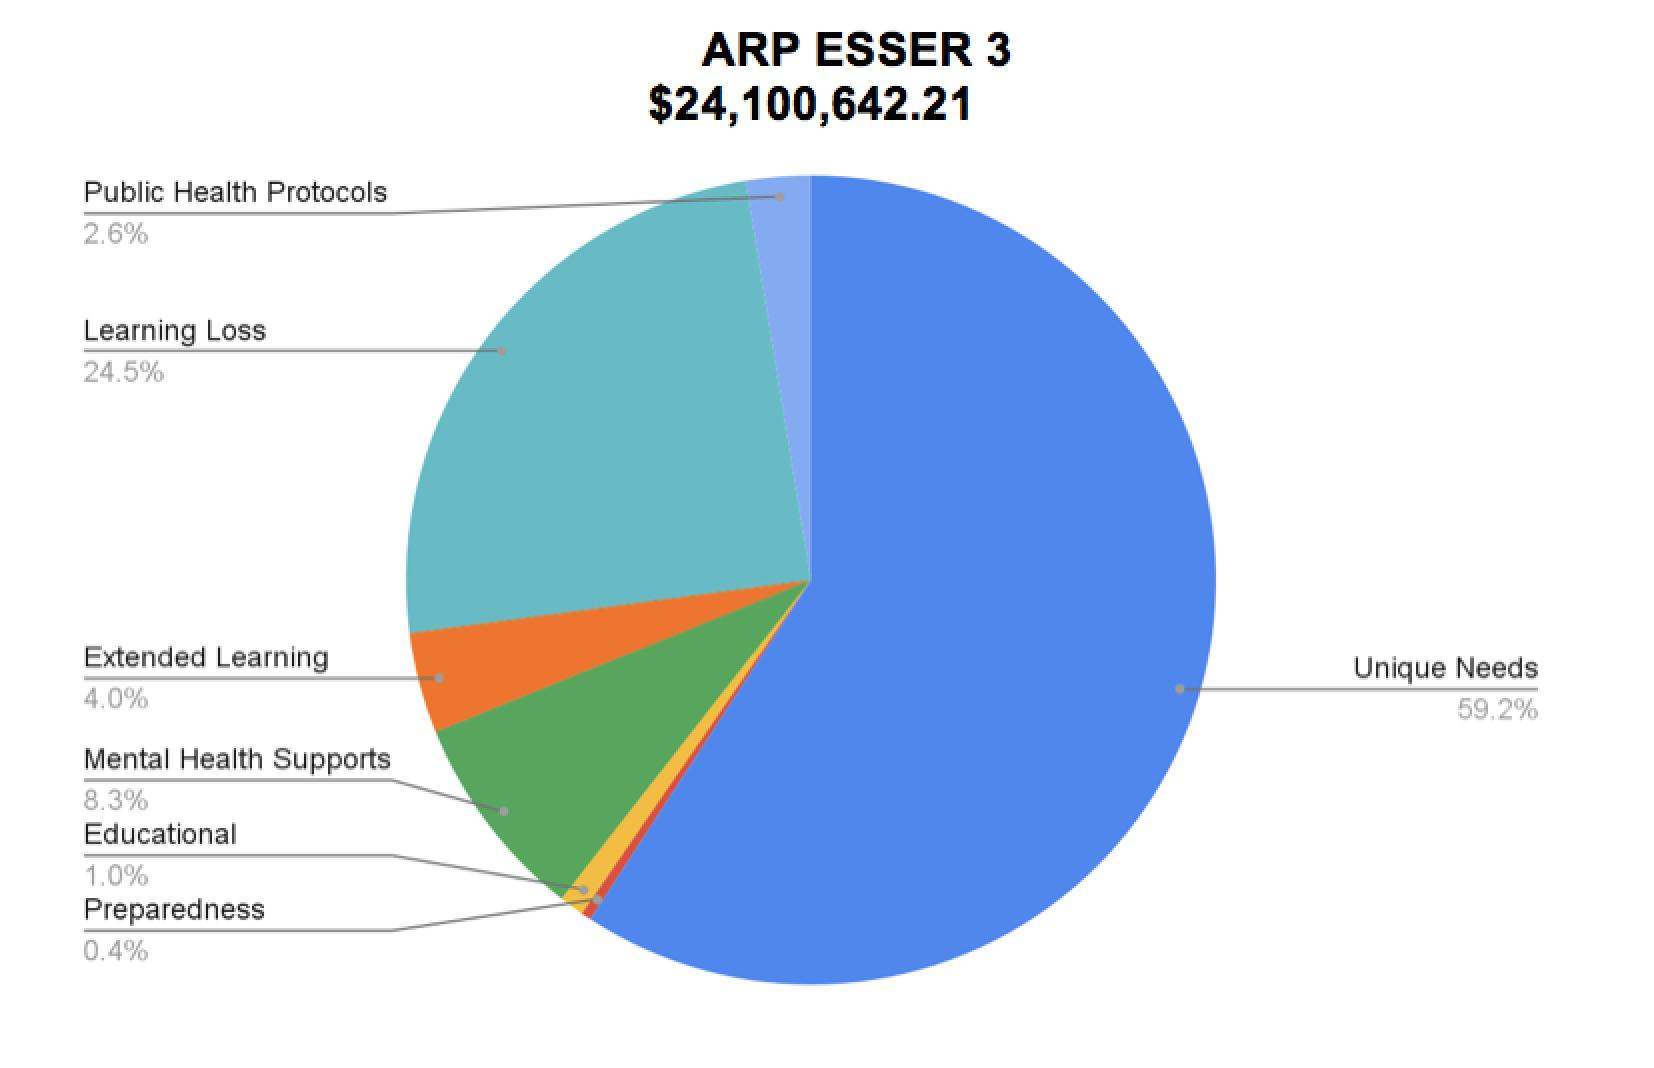 ARP ESSER 3 $24,100,642.21